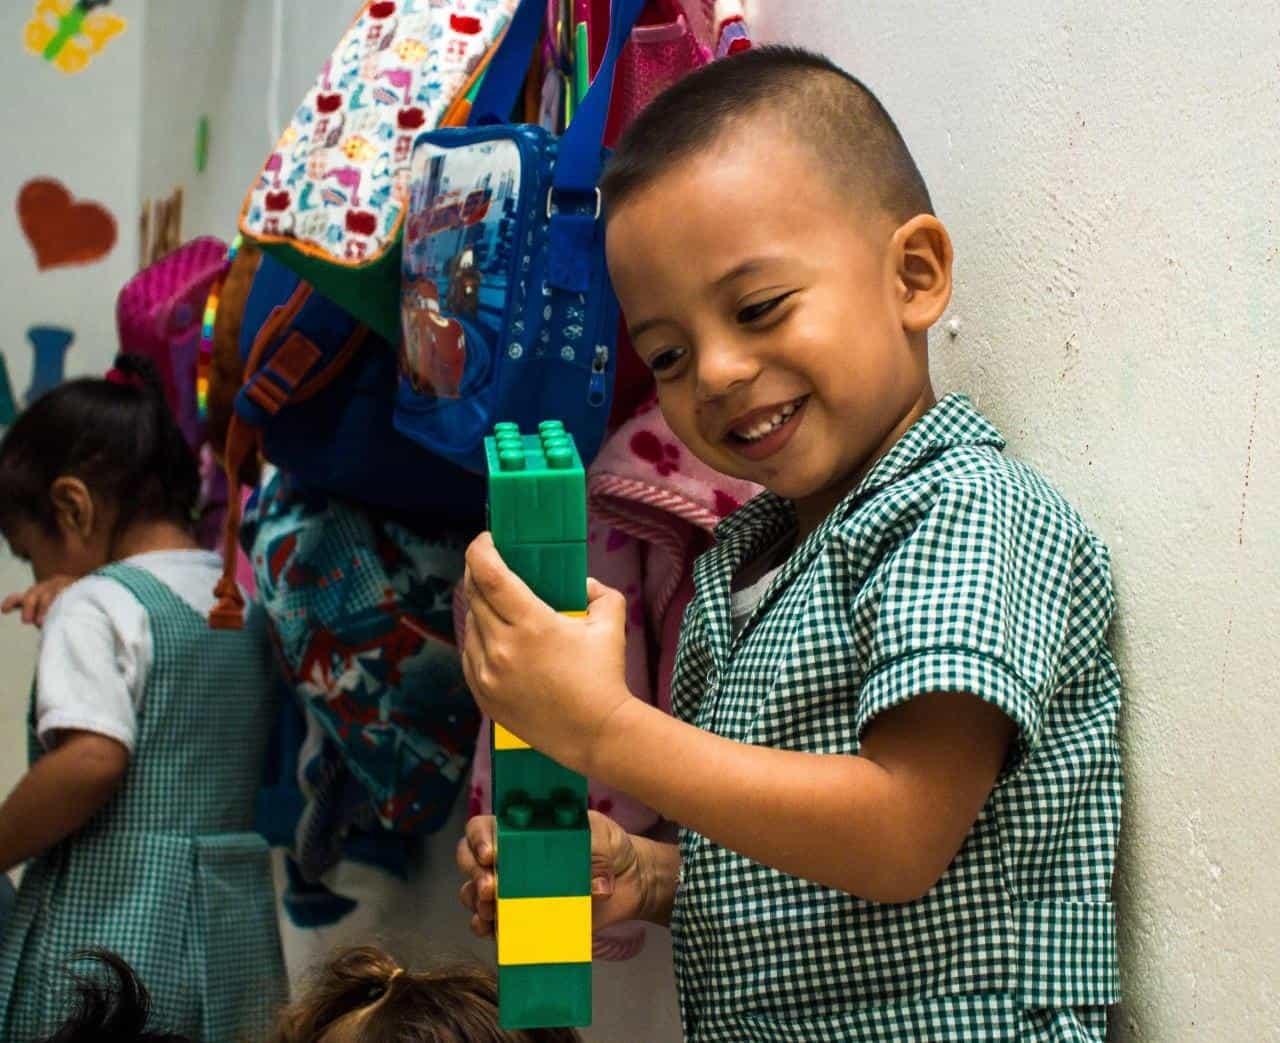 Crianza amorosa y juego previenen la violencia en la niñez y la adolescencia #Tolditos7días 1